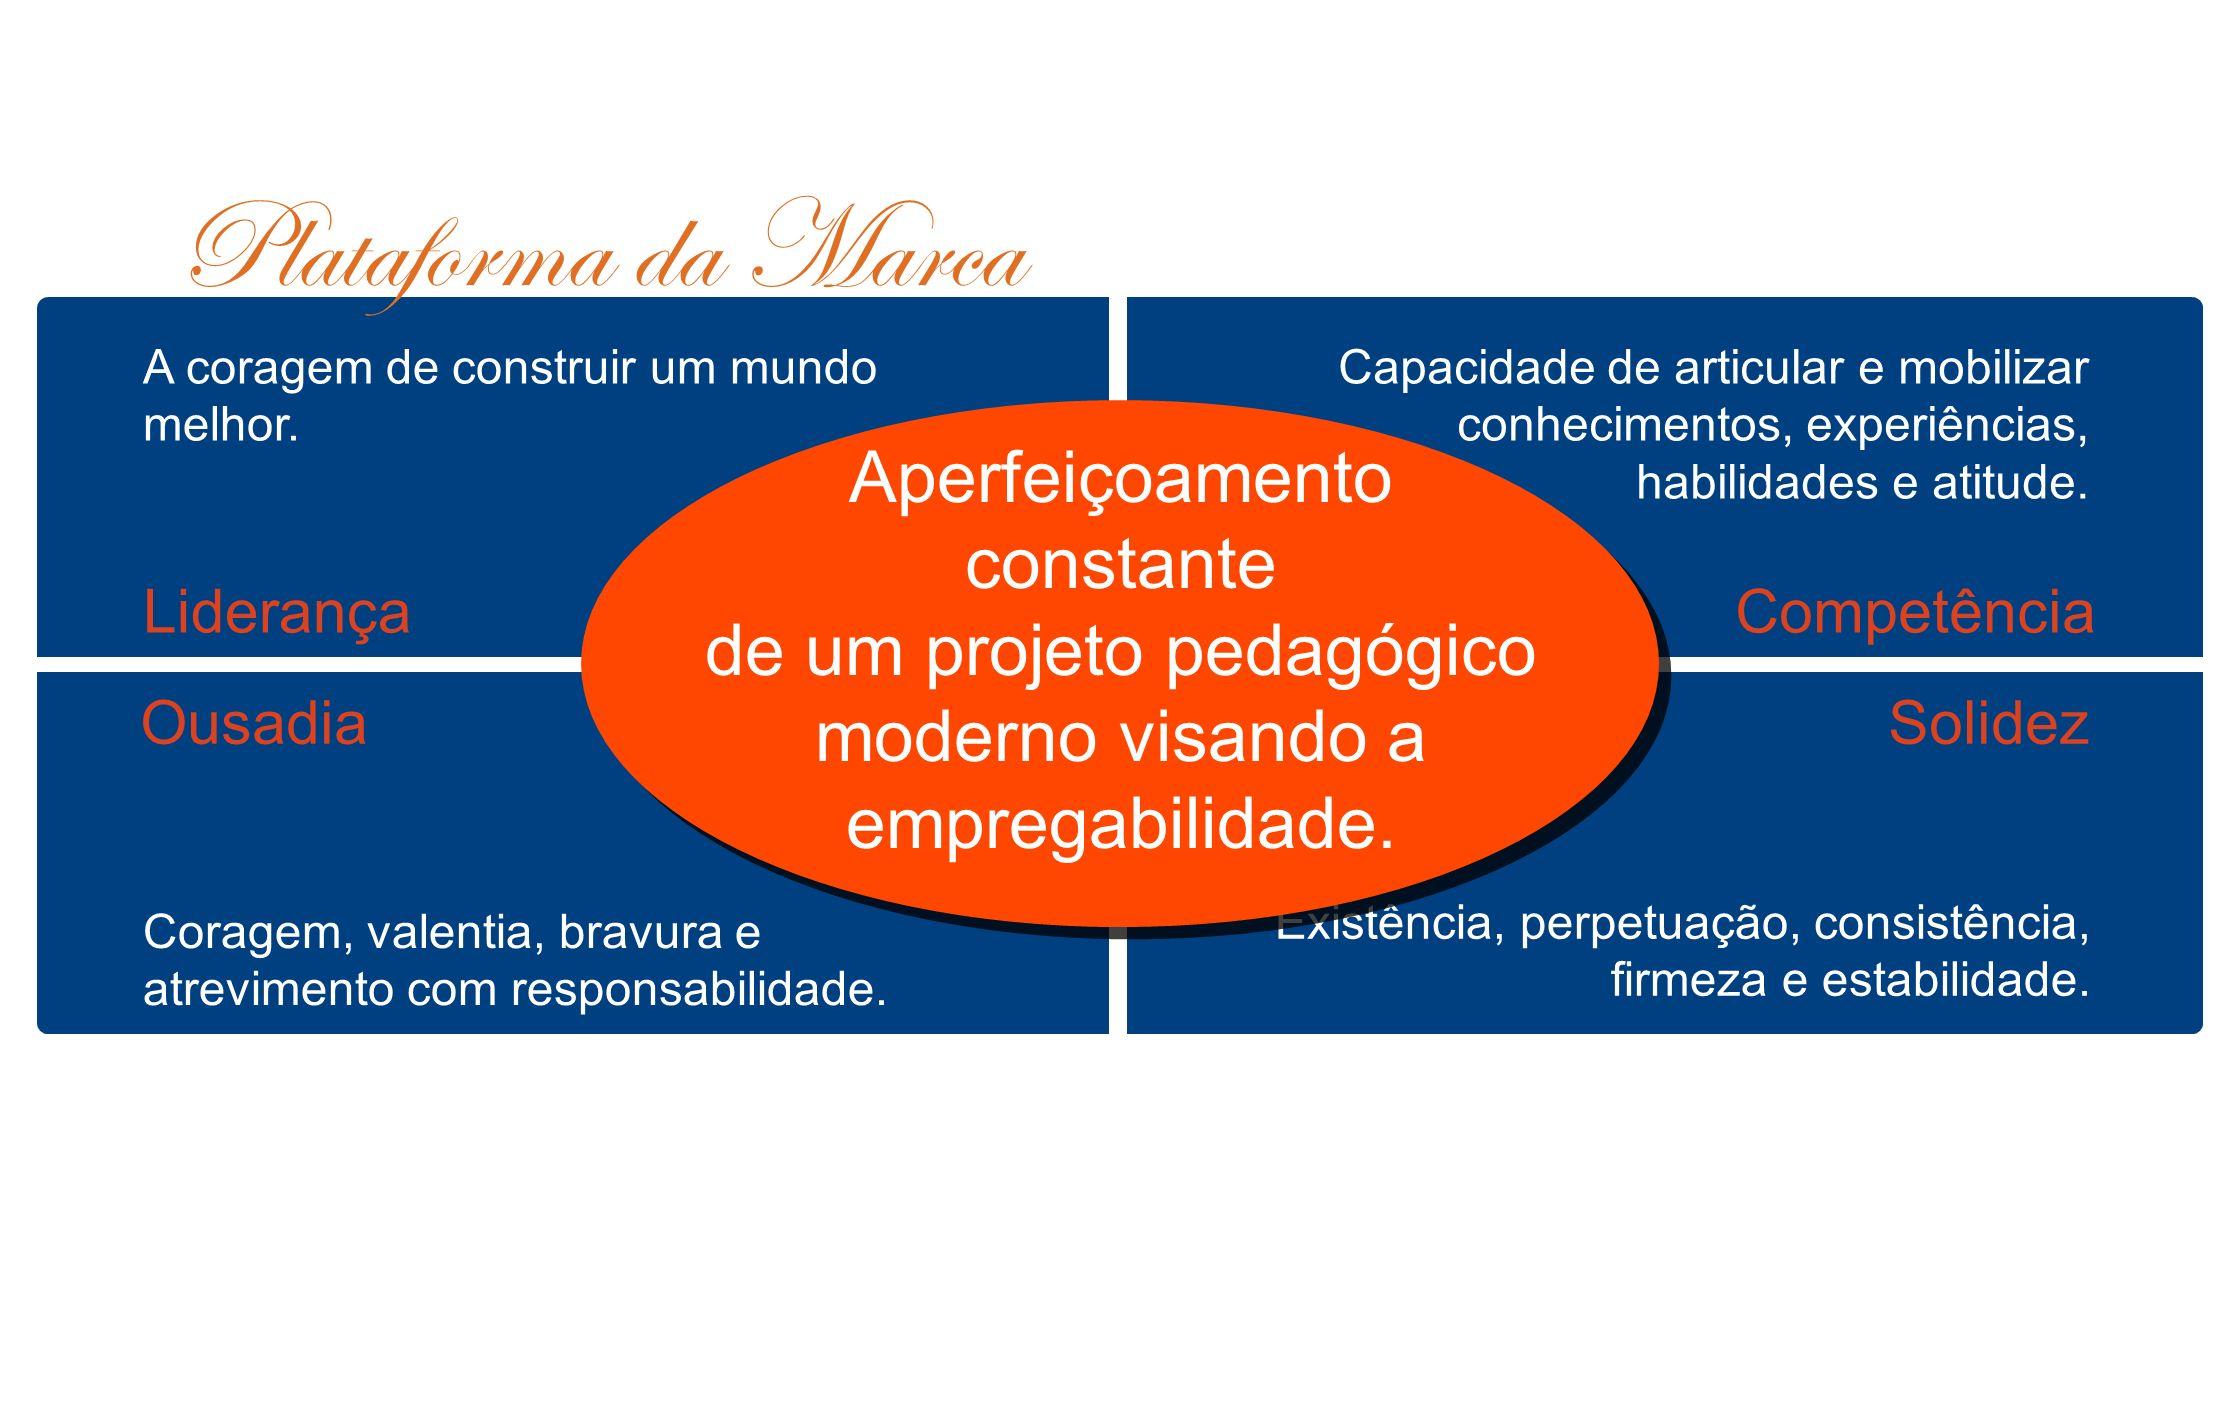 Posicionamentos de mercado que fazem diferença no momento de decisão e, relacionam-se direta e intimamente.